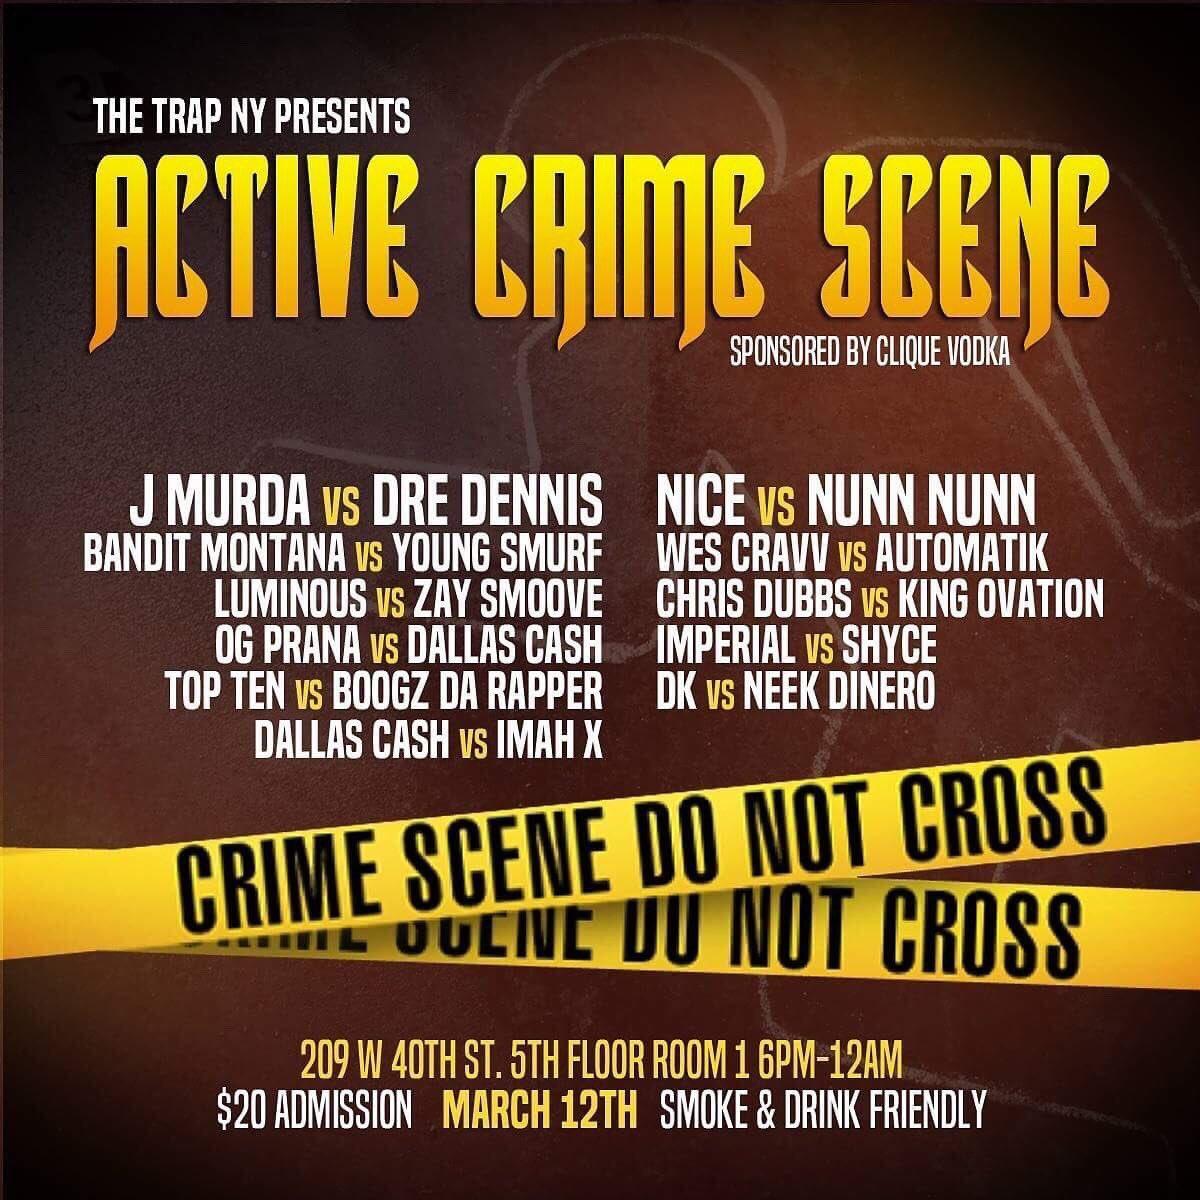 The Trap NY - Active Crime Scene